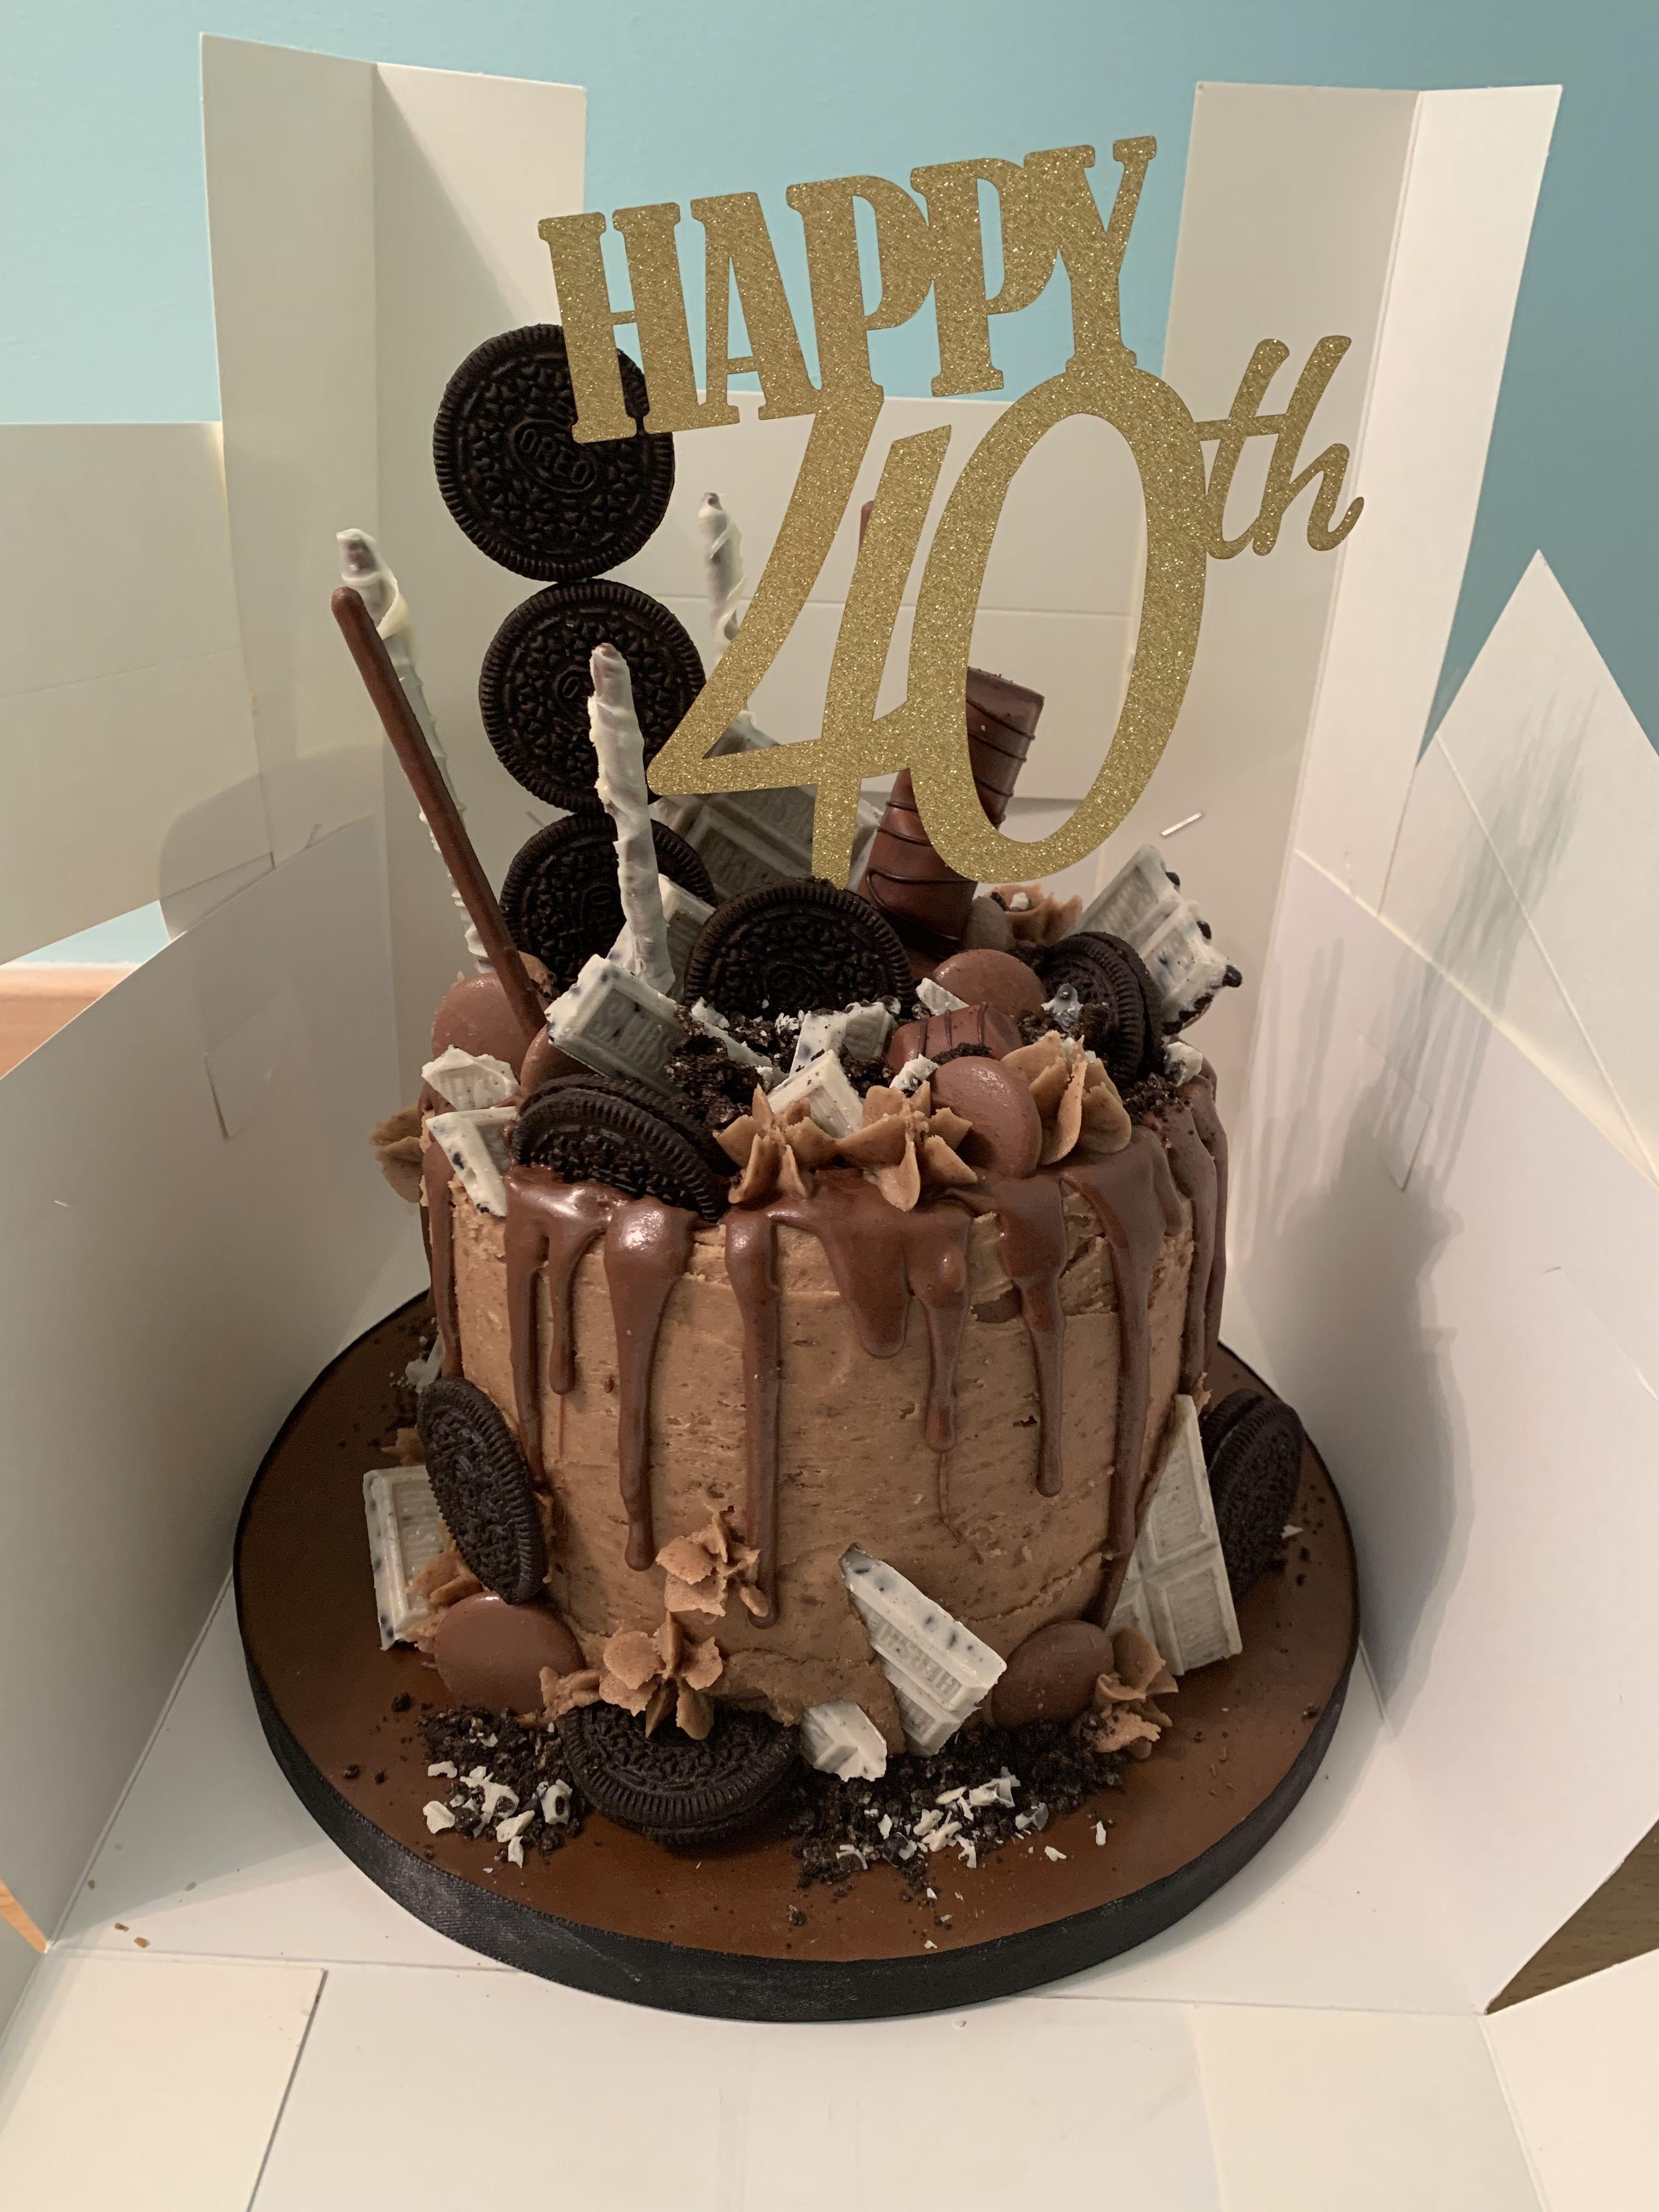 Oreocake Hersheyschocolatecake Chocolatecake Chocolatedripcake